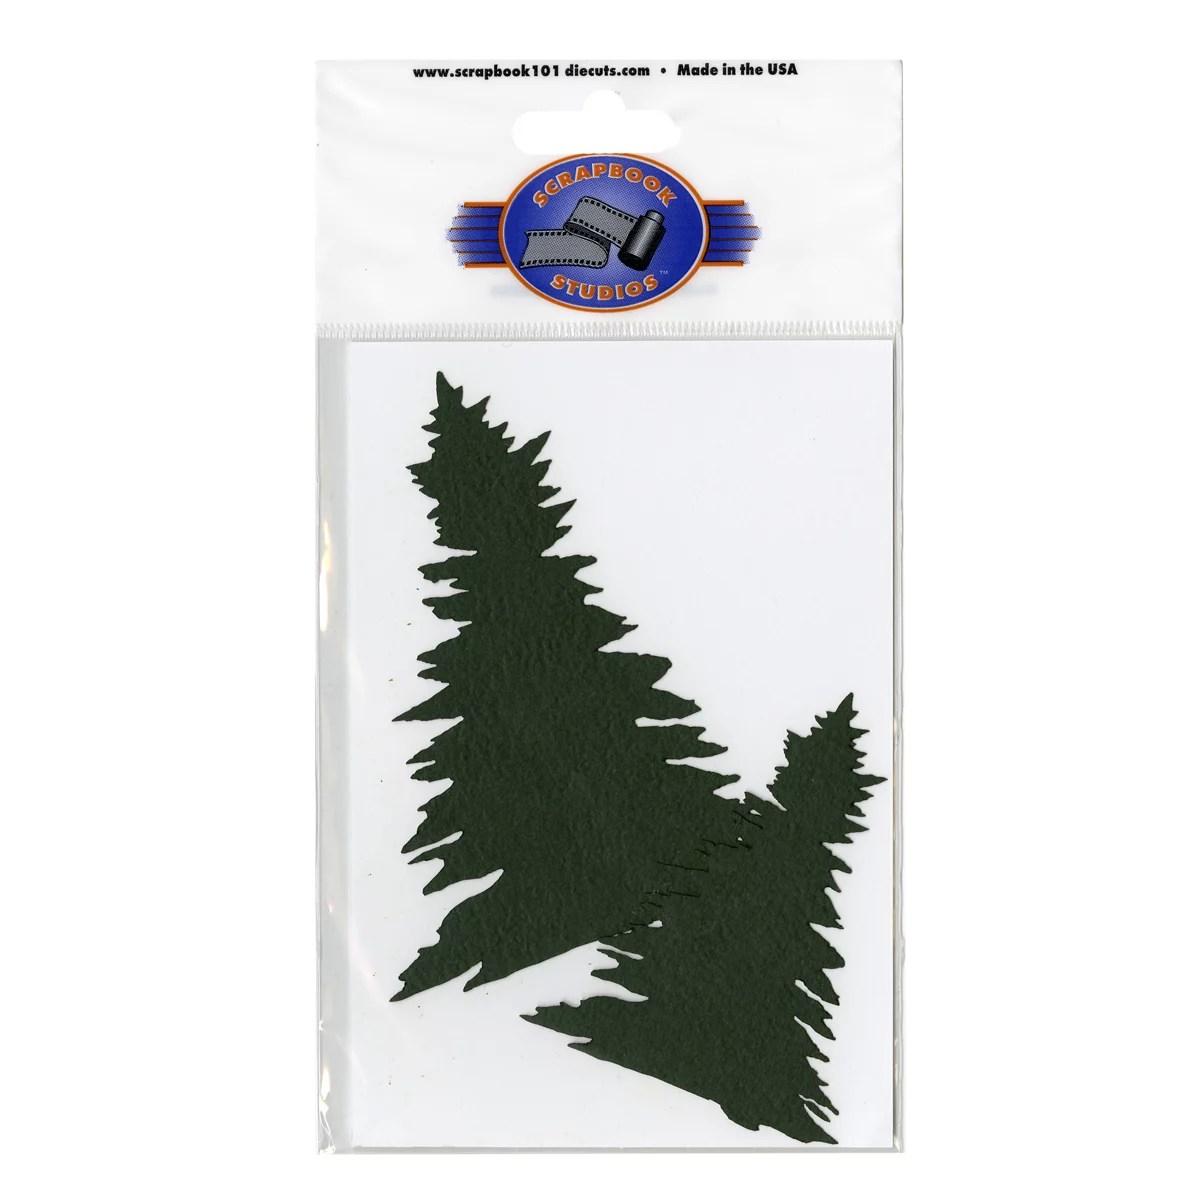 Scrapbook 101 Shape Cardstock Die Cuts Pine Trees Multi